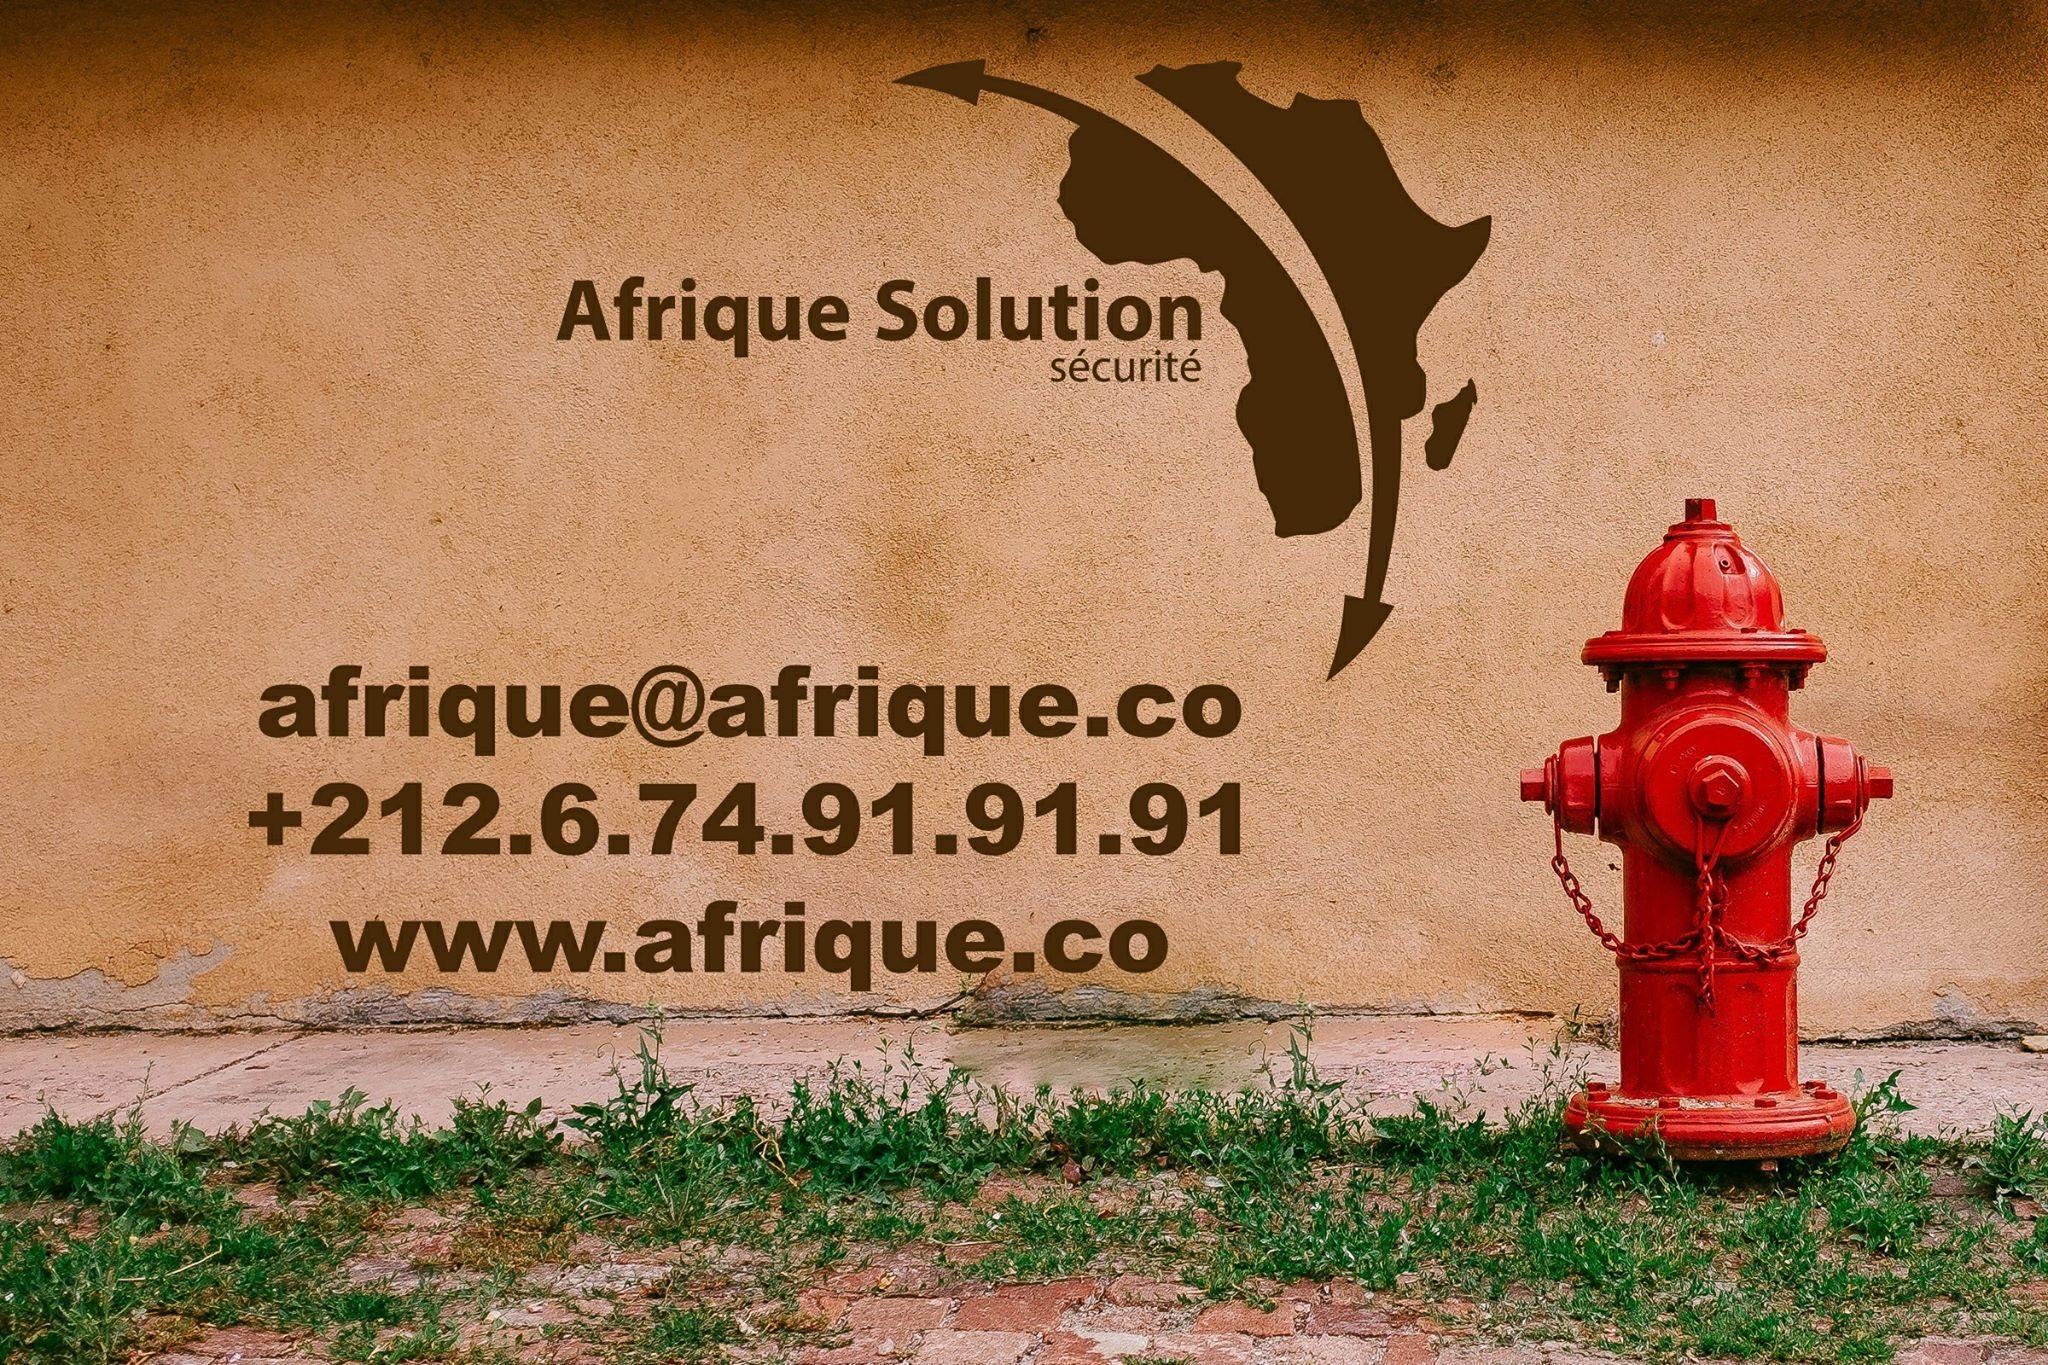 Assilah poteau d'incendie Maroc afrique solution